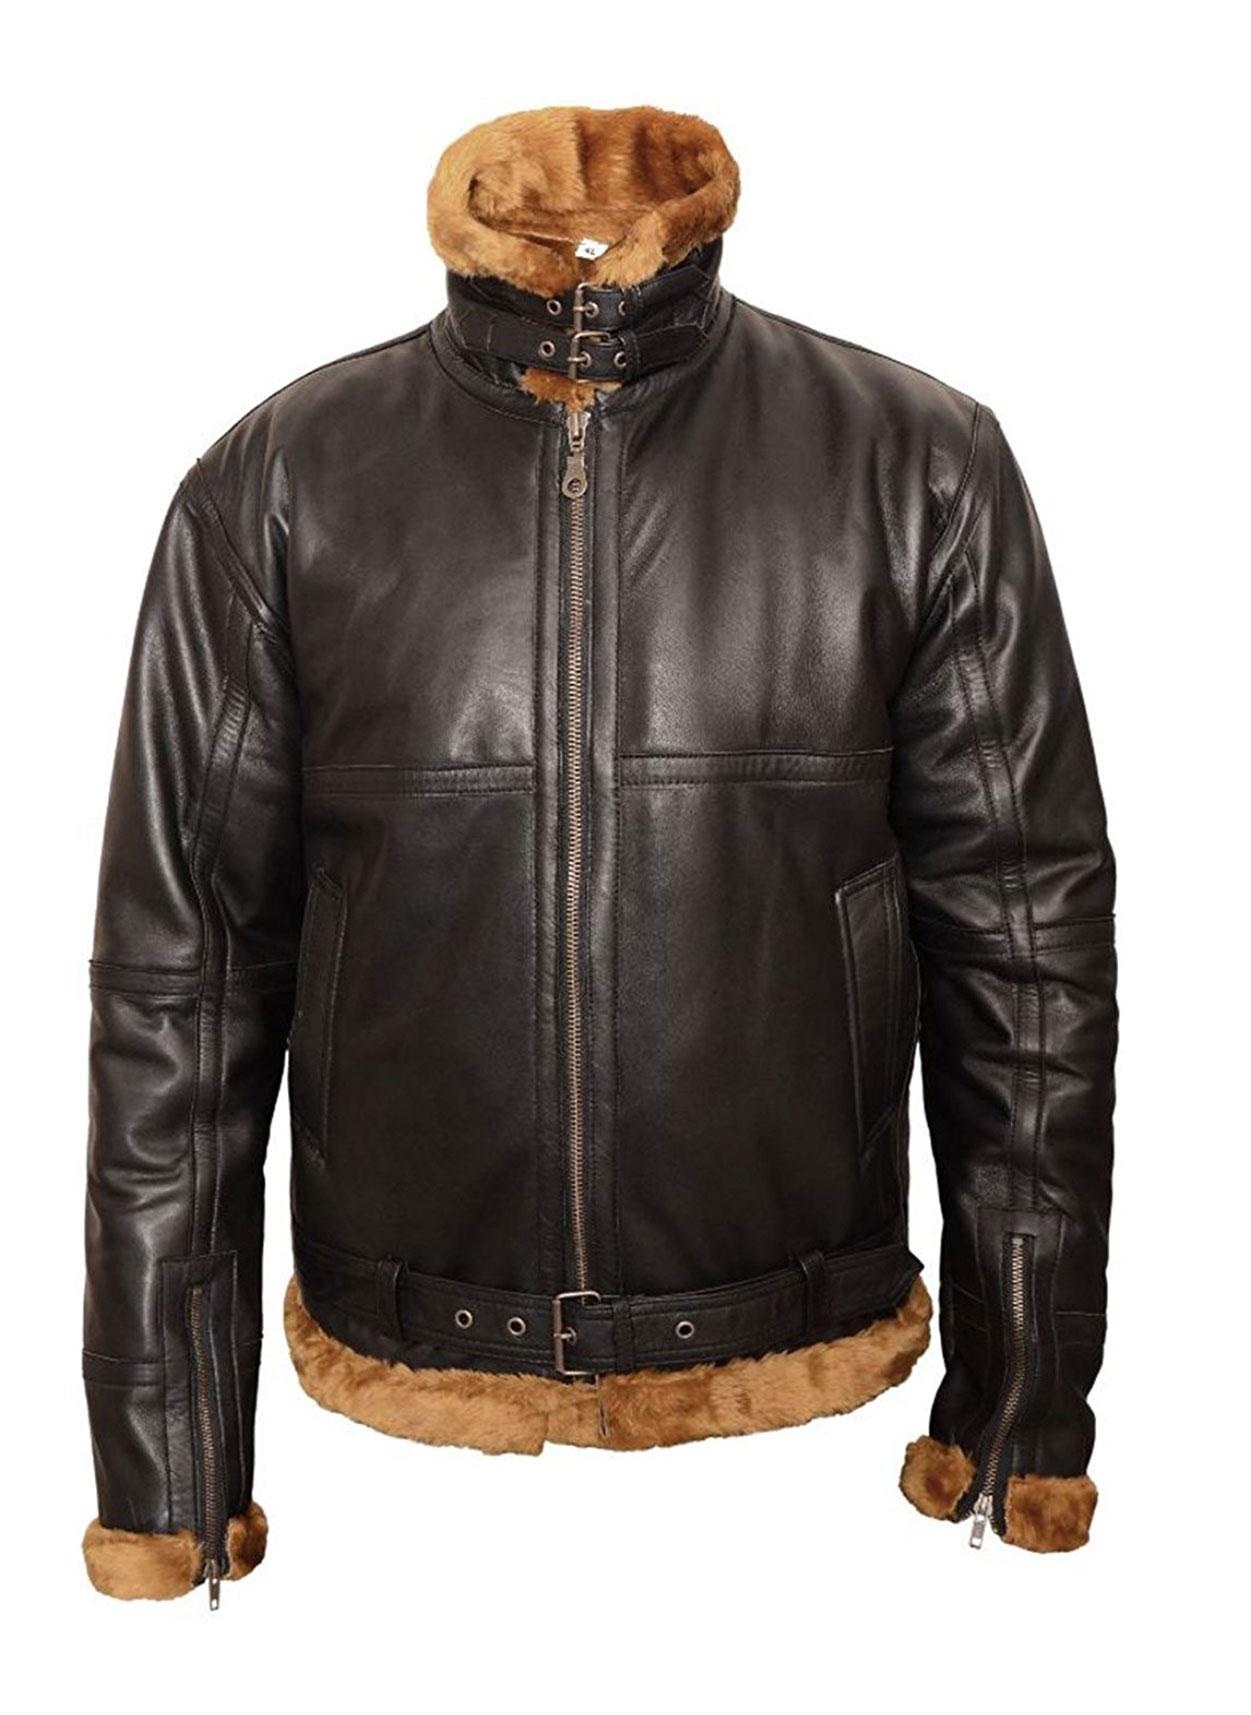 b3-bomber-jacket-d